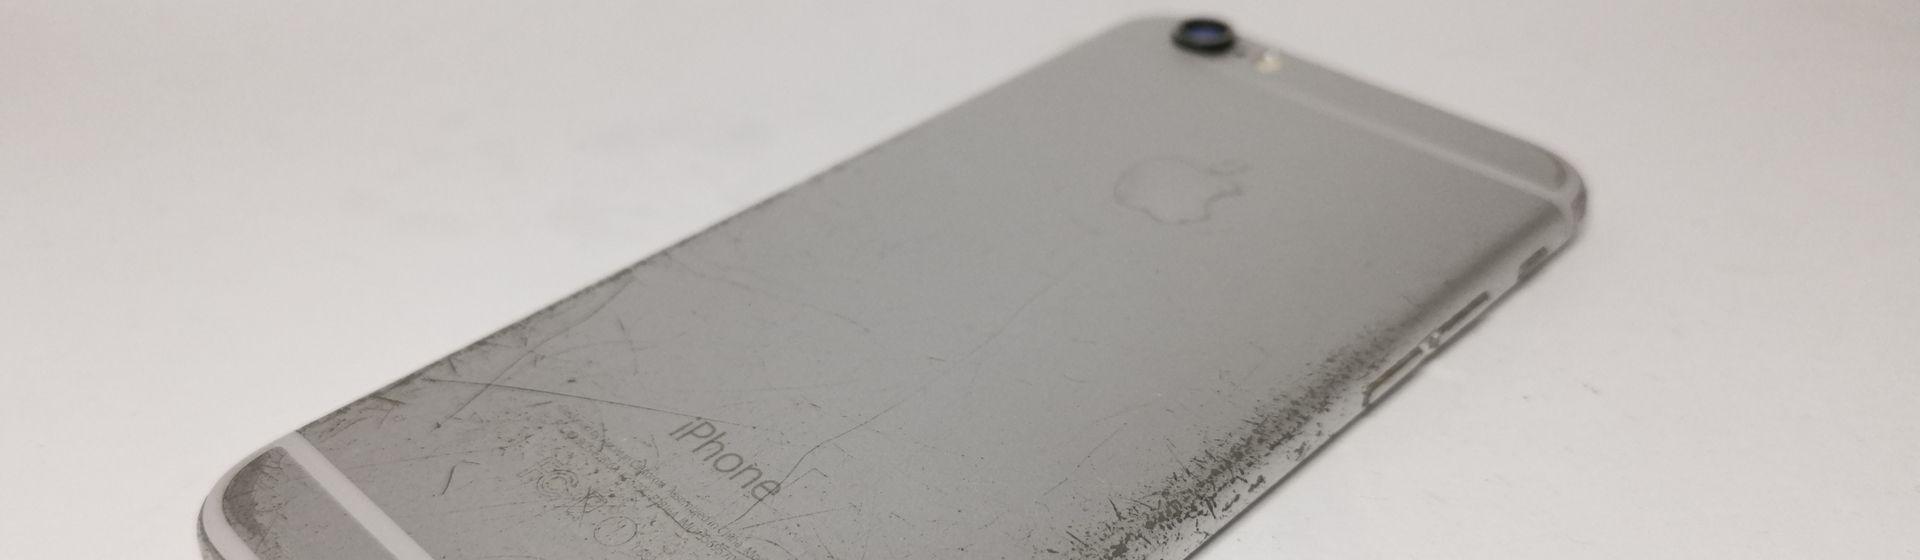 iPhone usado: vale a pena comprar?